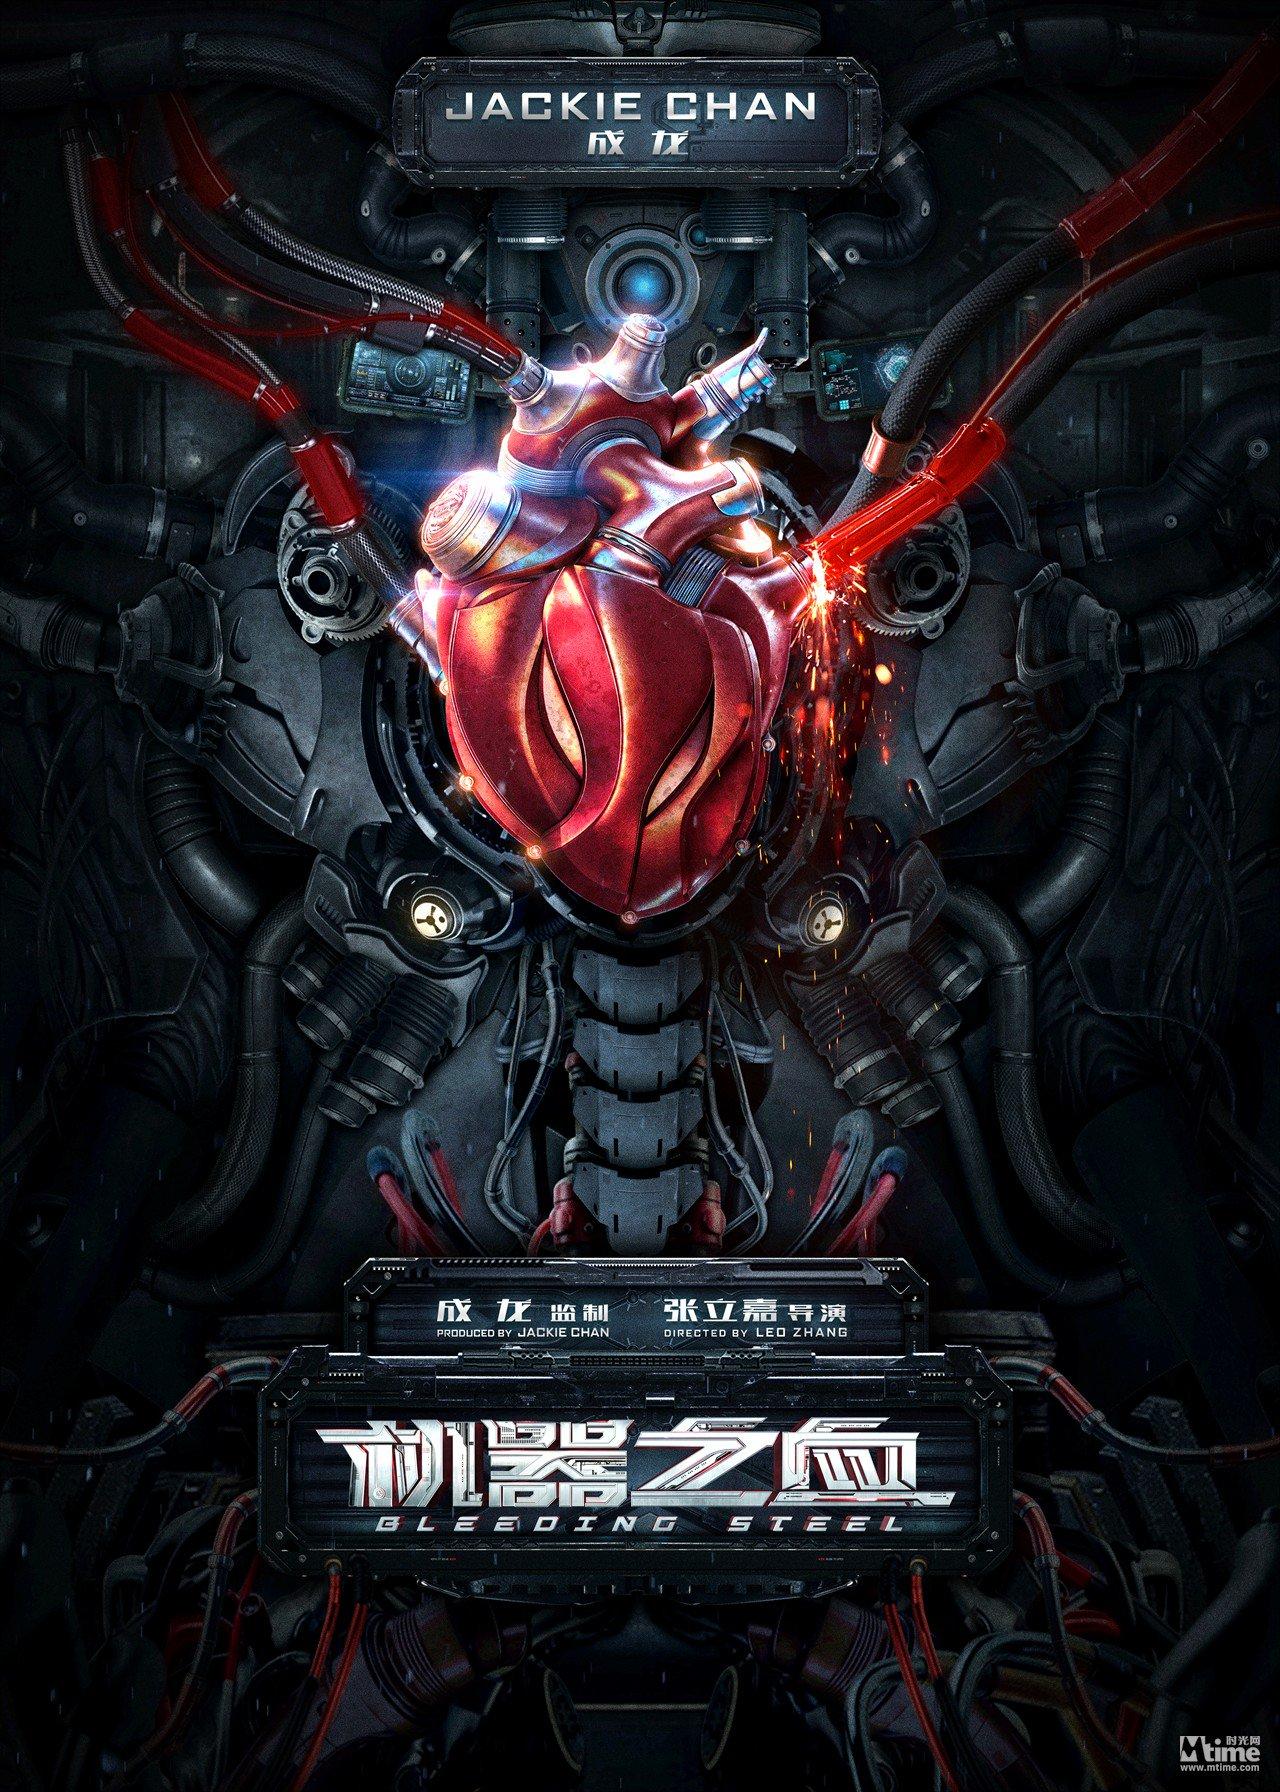 BleedingSteel-Teaser-Poster.jpg